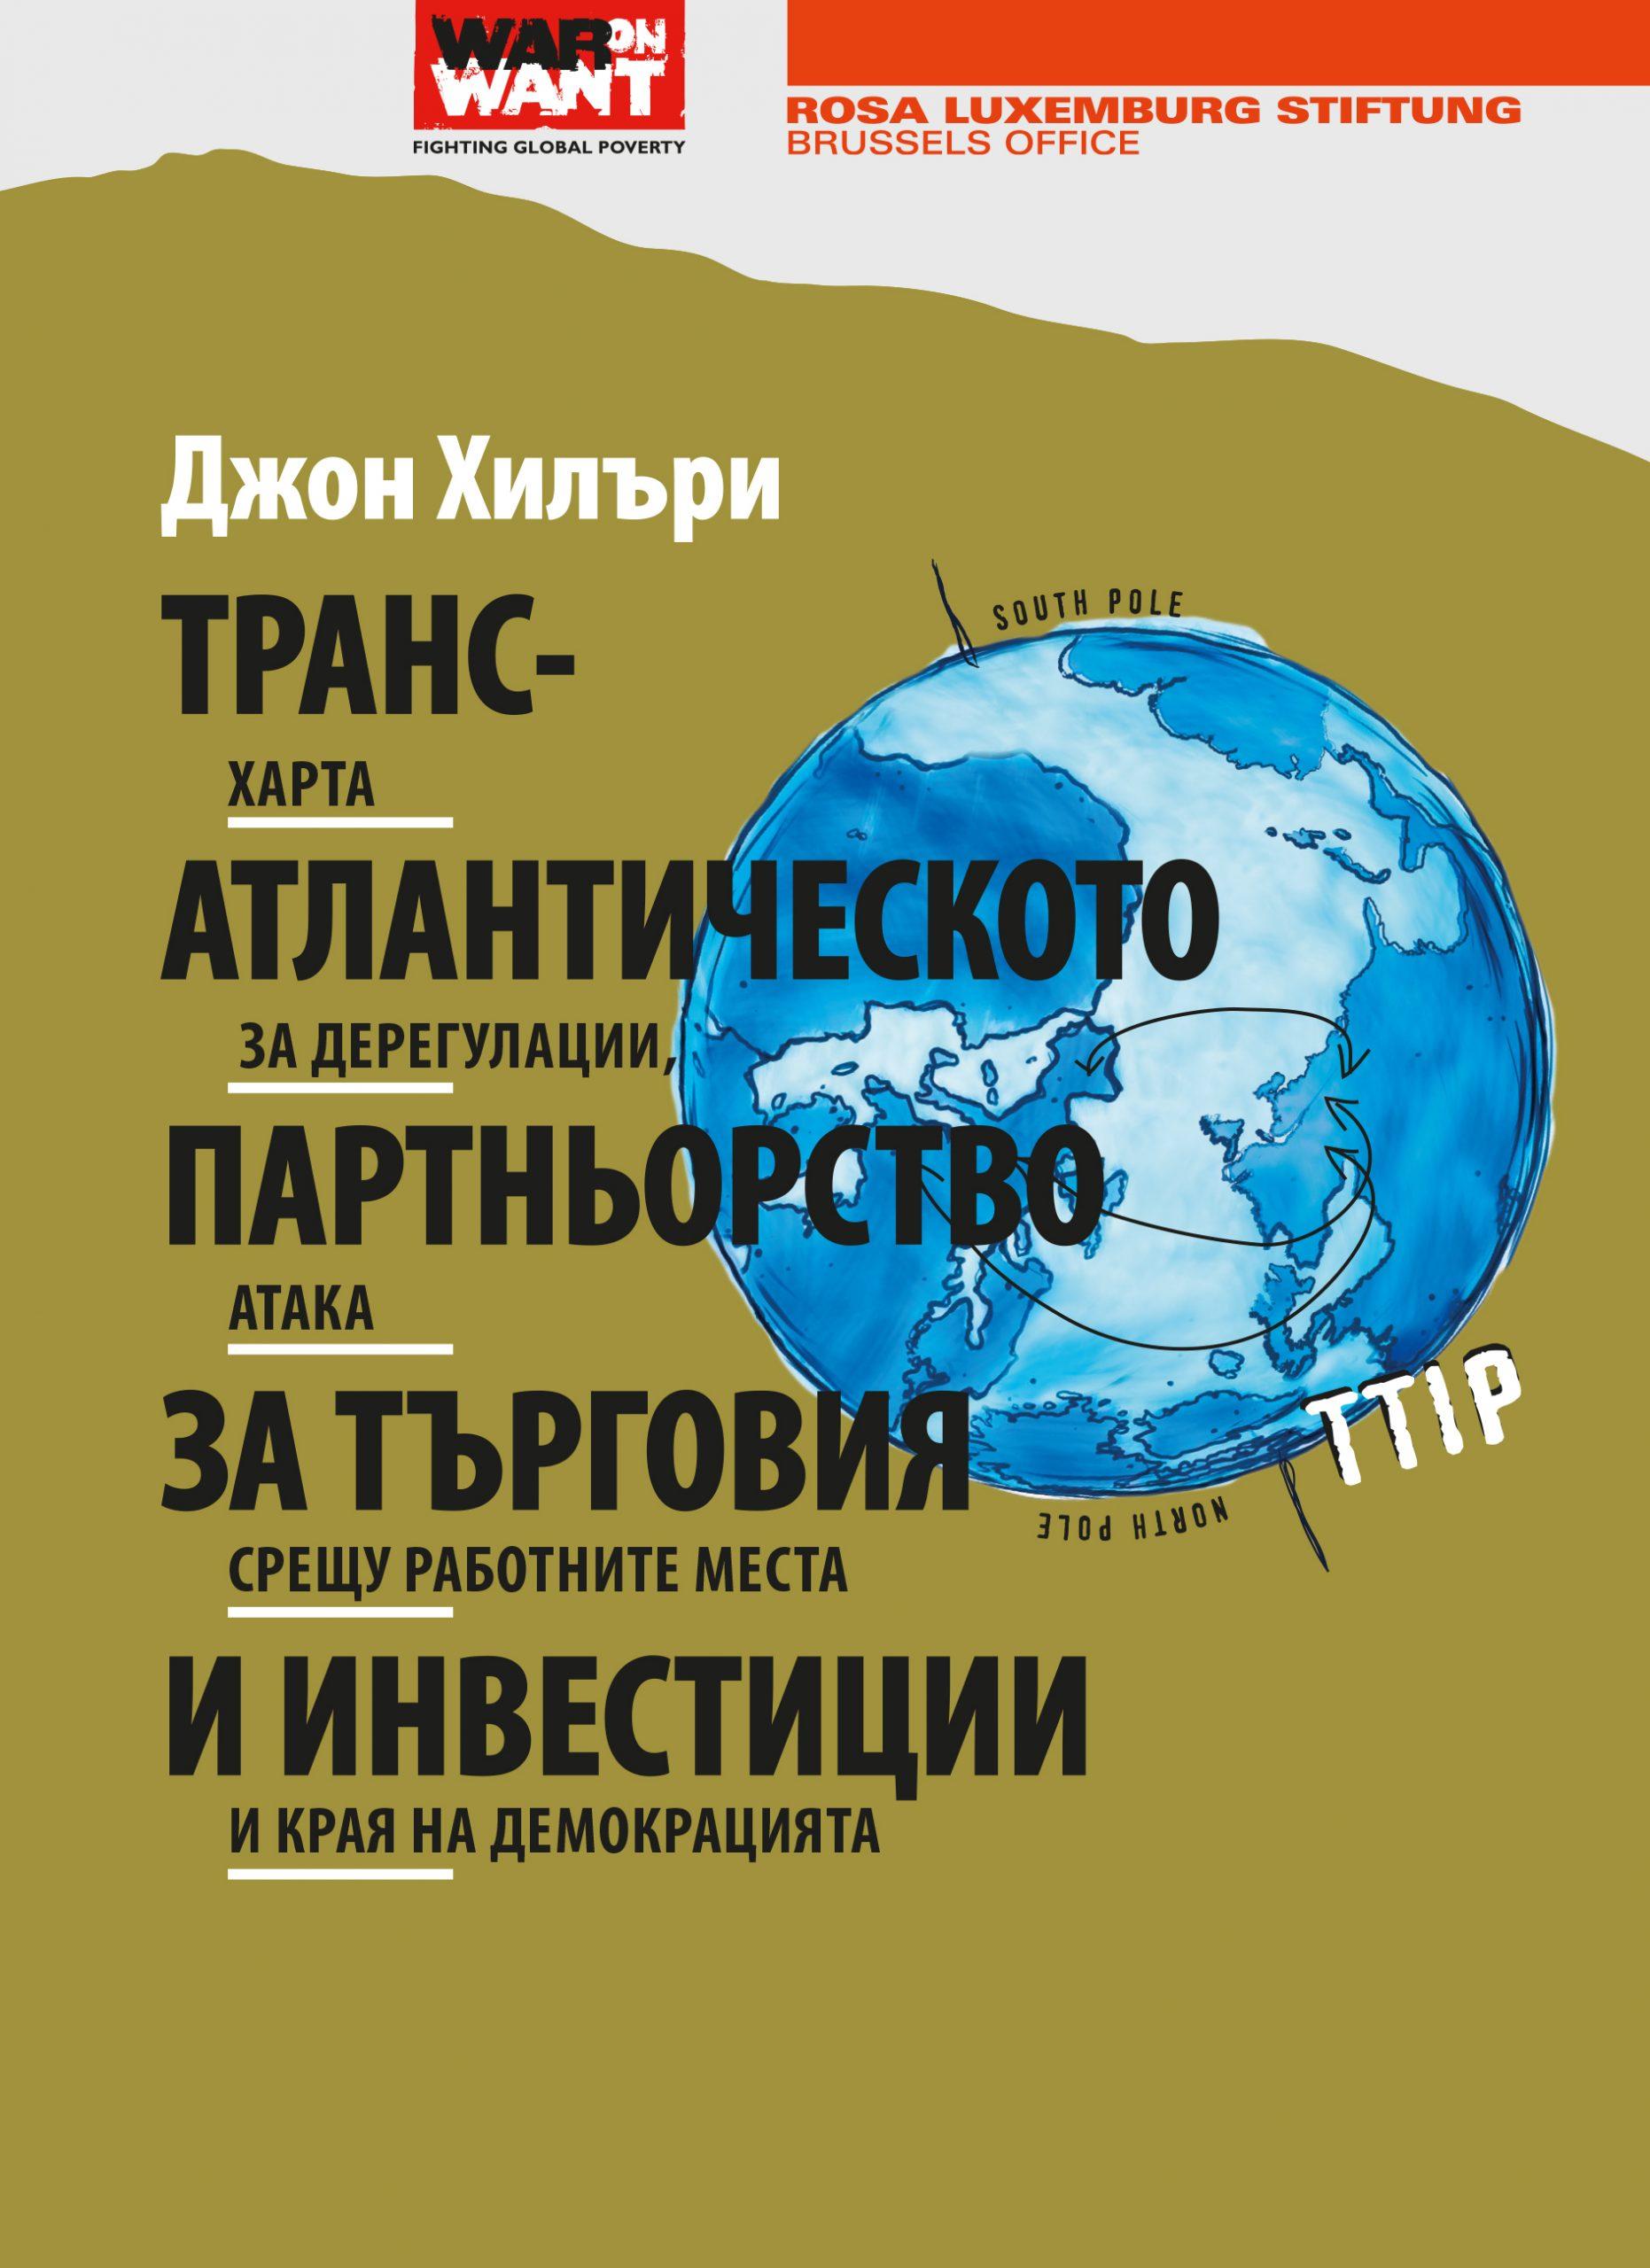 ТПТИ – харта за дерегулации, атака срещу работните места и край на демокрацията